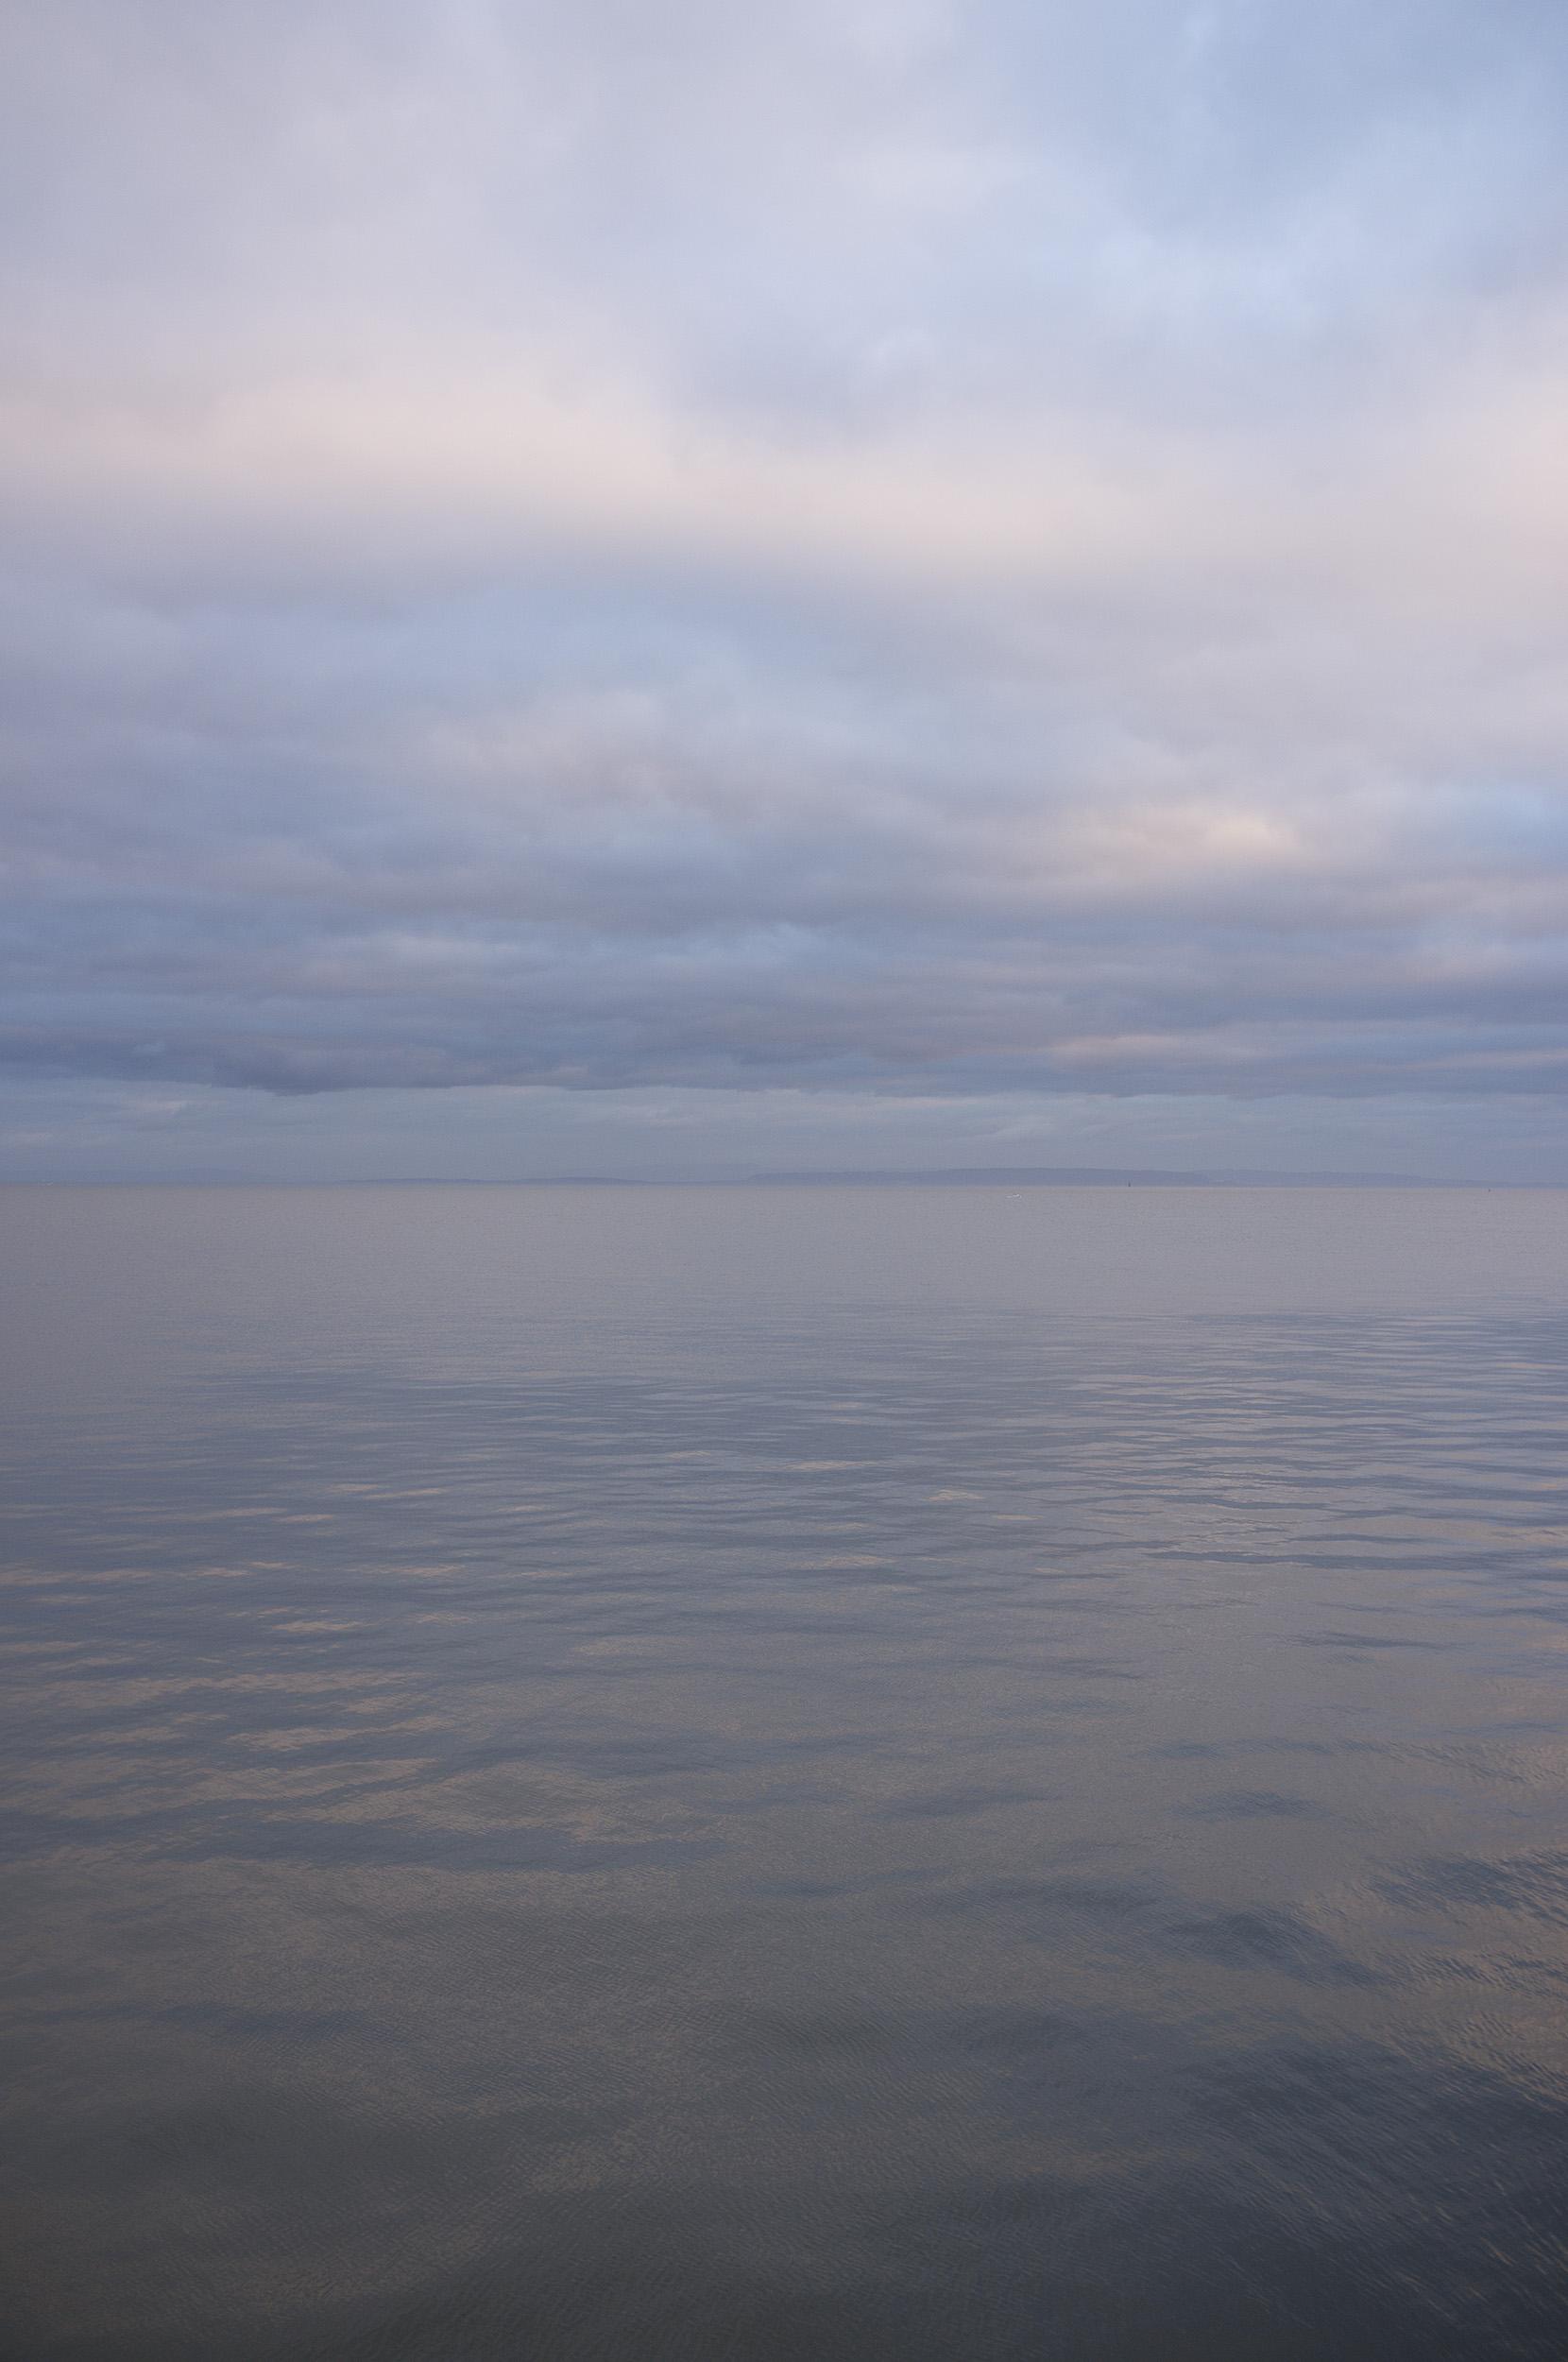 The sea, Cardiff, January 1st 2019